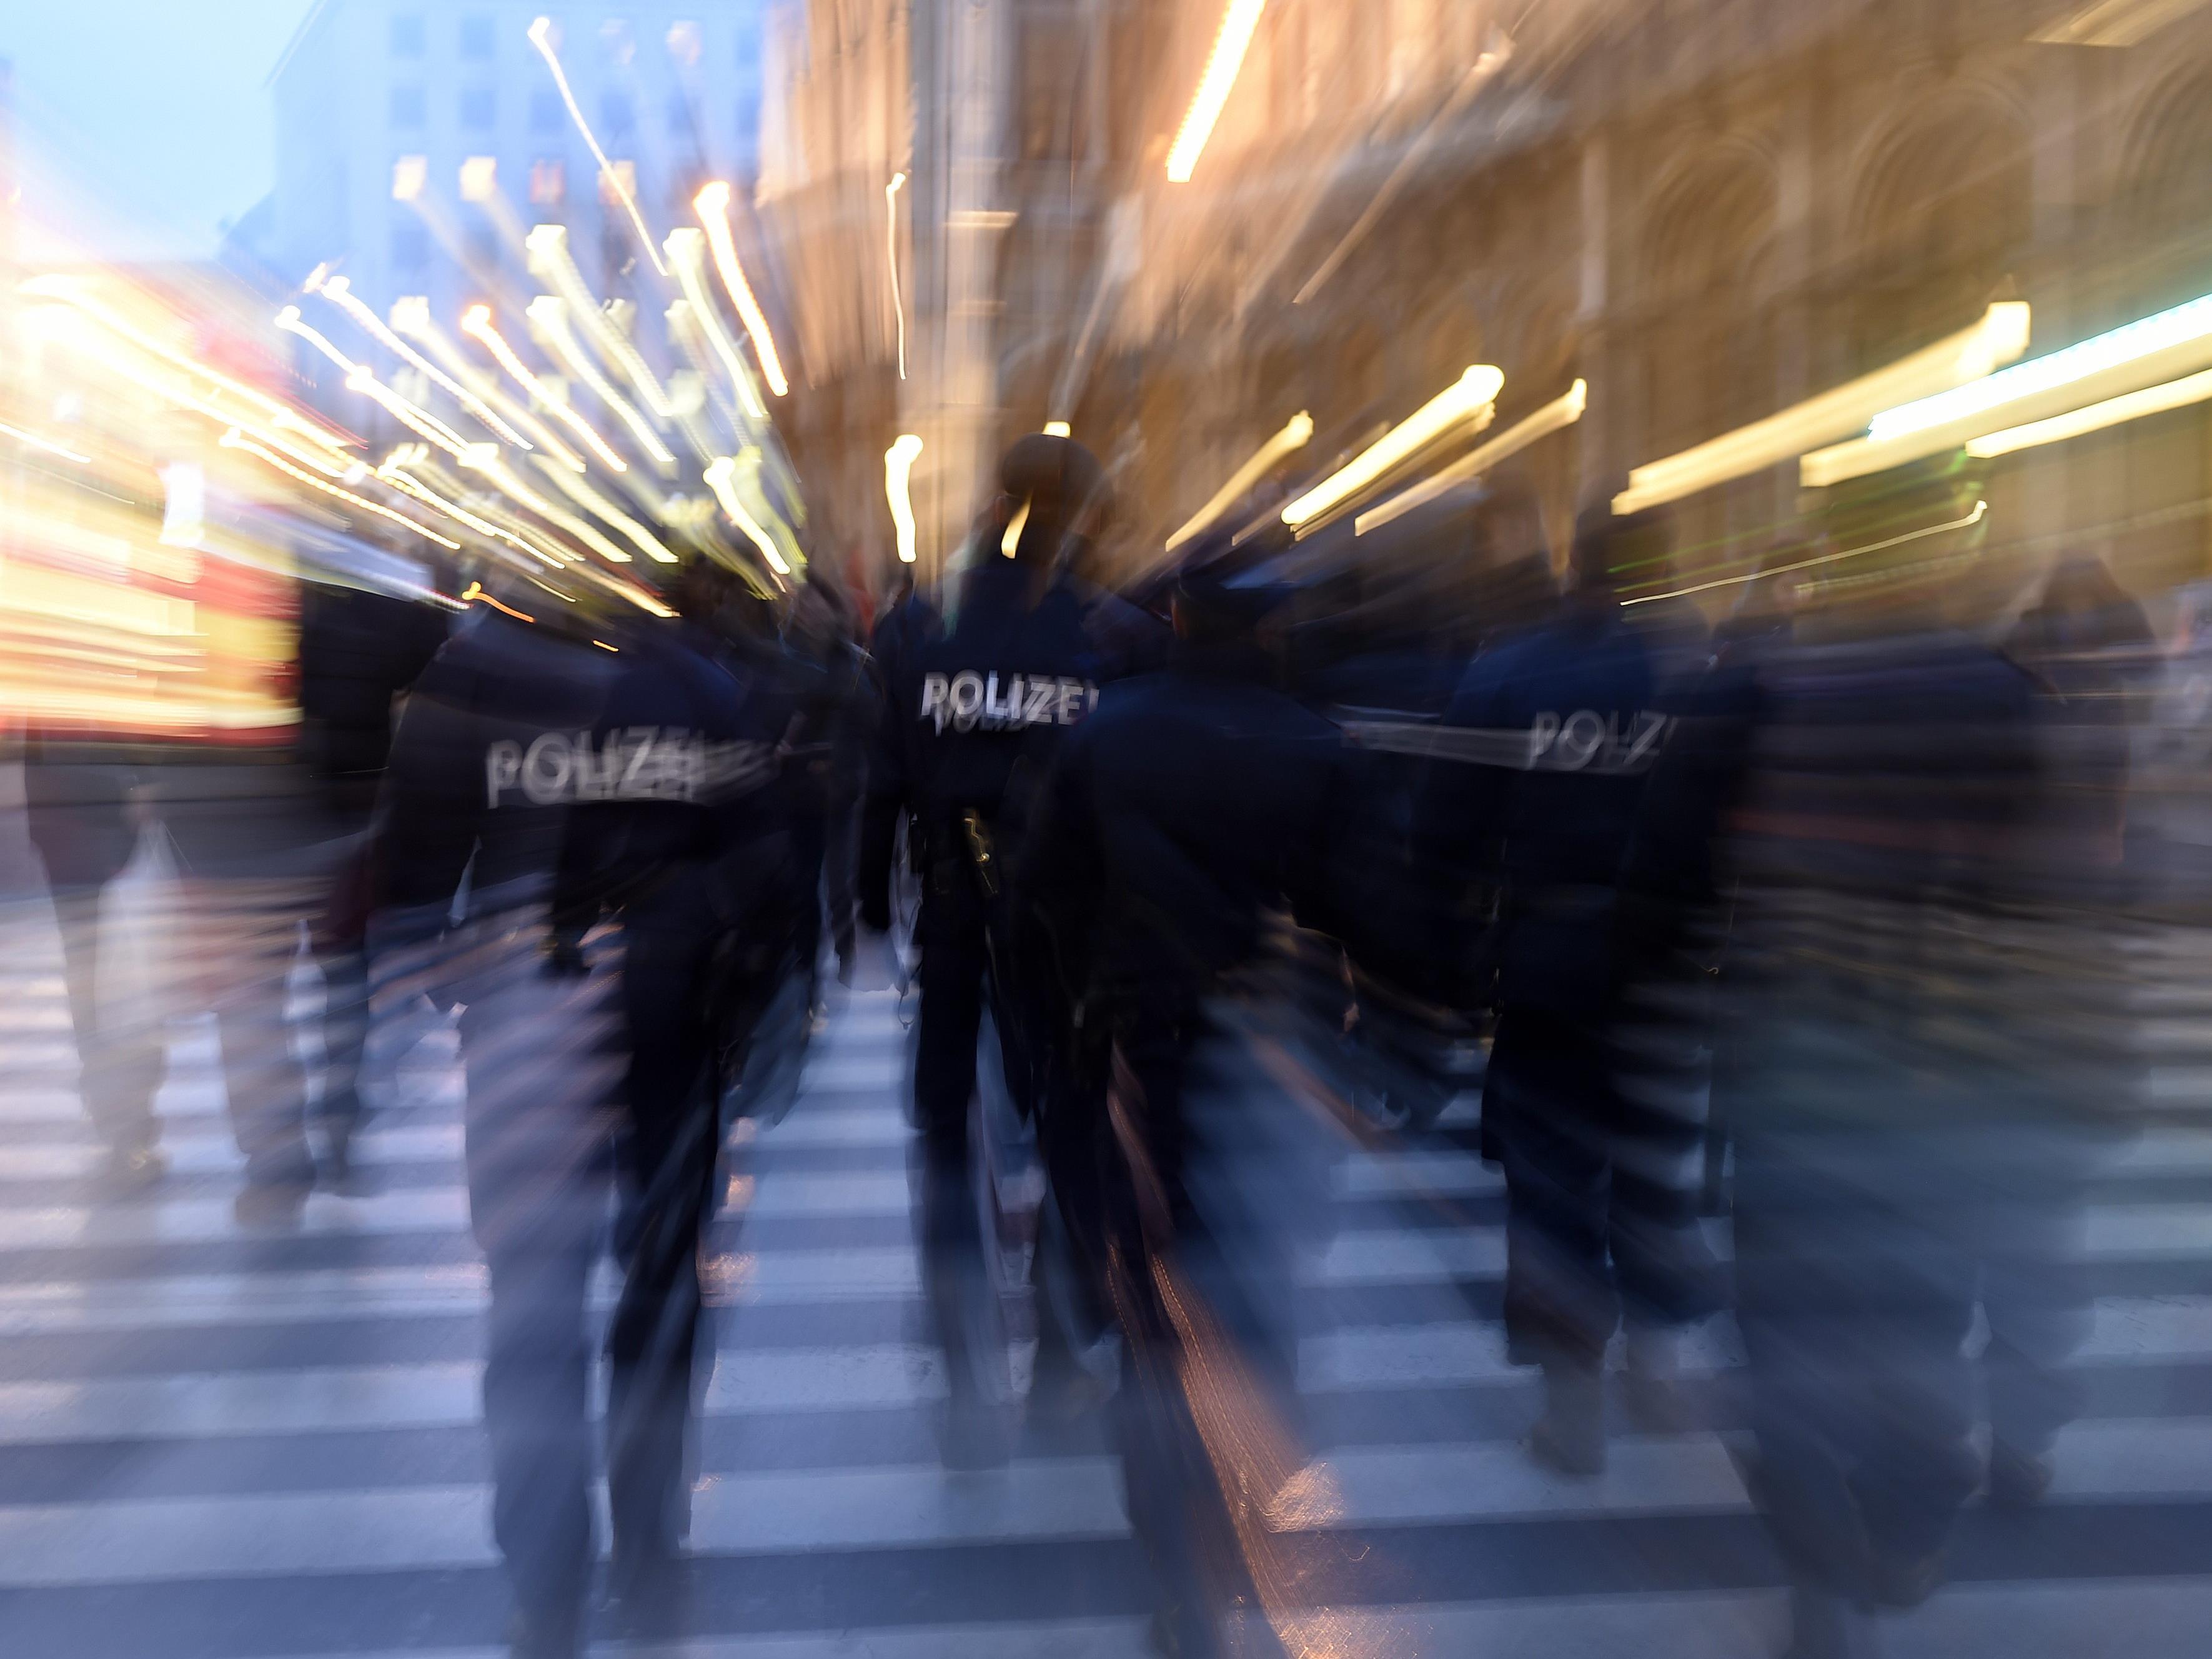 Vier Buben lösten mit Knallkörpern einen Polizeieinsatz aus